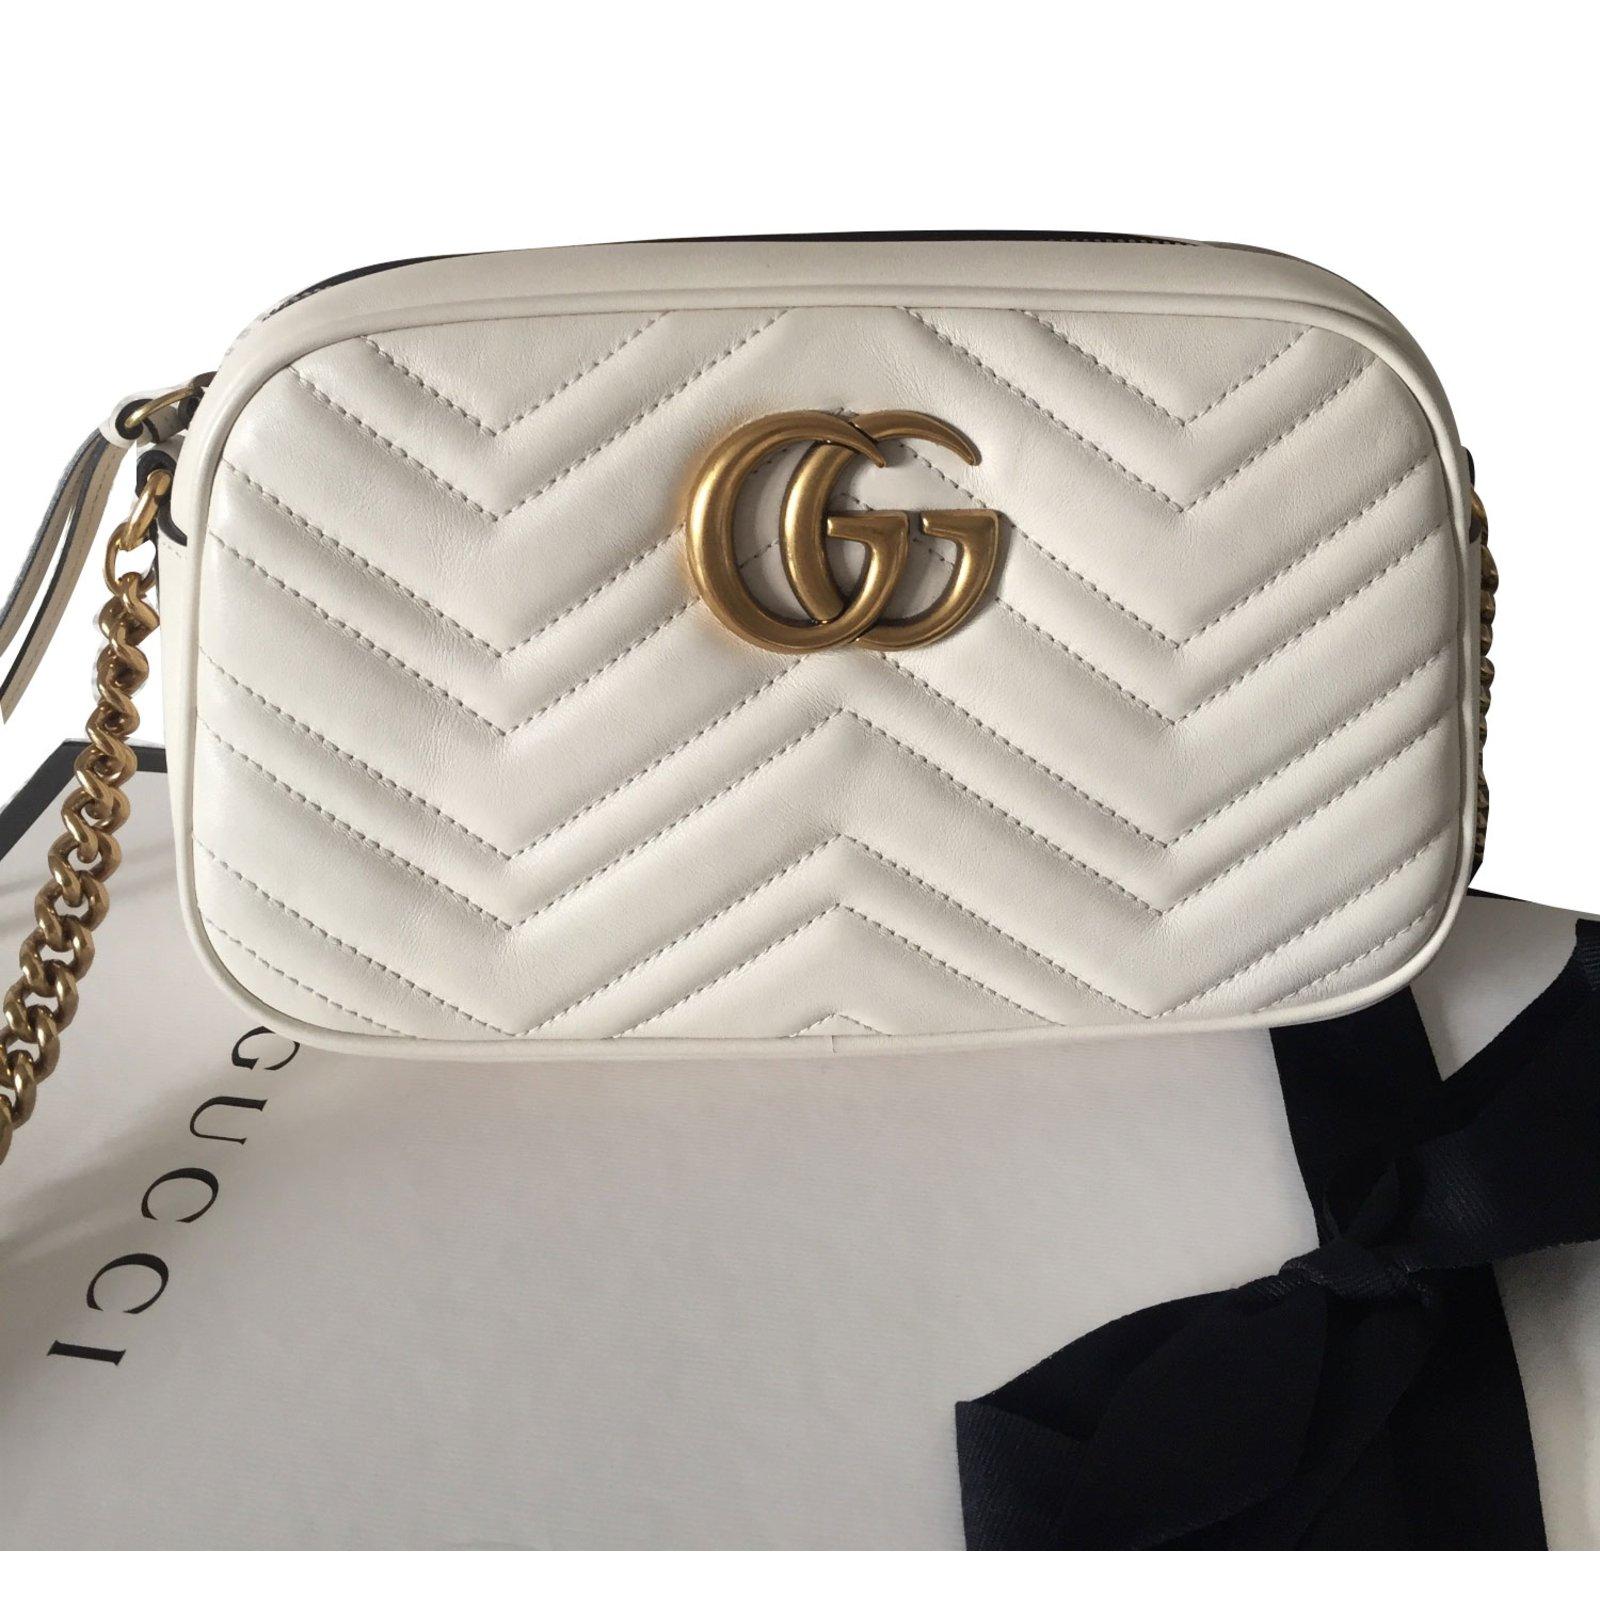 143fbb2e576 Gucci Marmont Handbags Leather White ref.67039 - Joli Closet